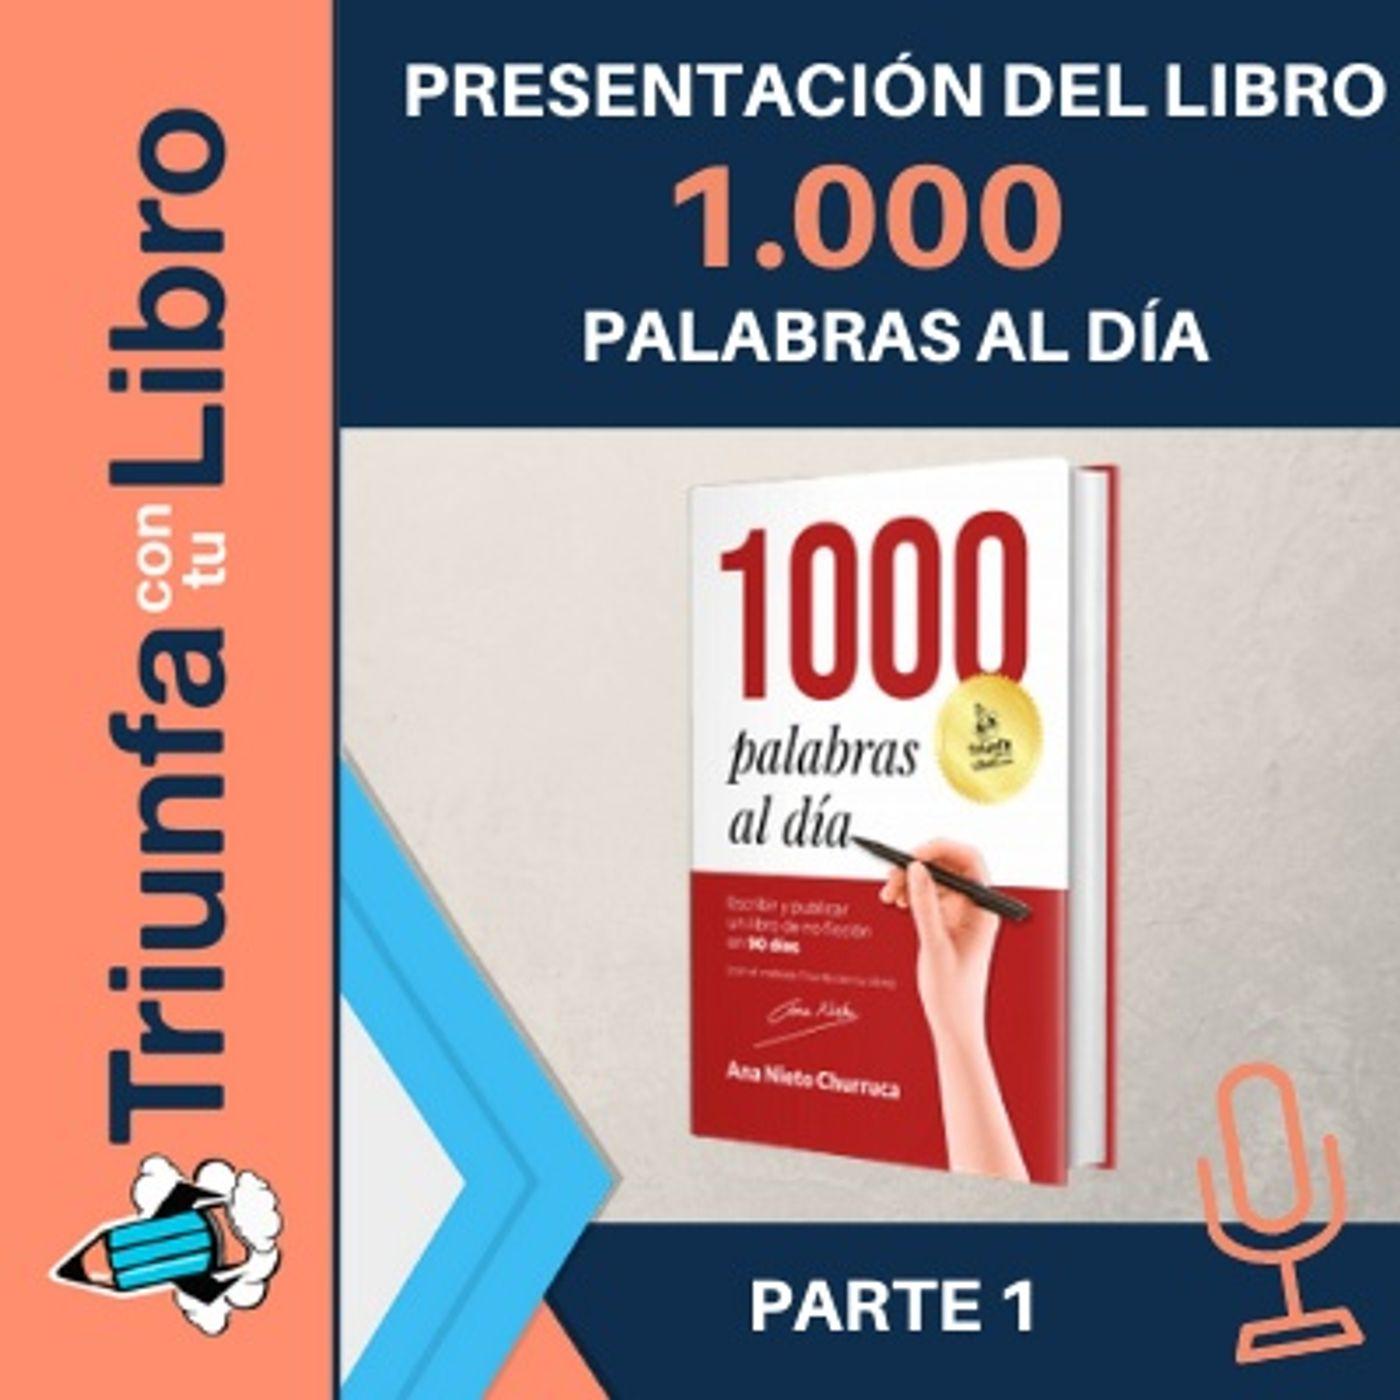 Presentación de mi nuevo libro: 1000 PALABRAS AL DÍA. Escribir y publicar un libro de no ficción en 90 días (Parte 1)